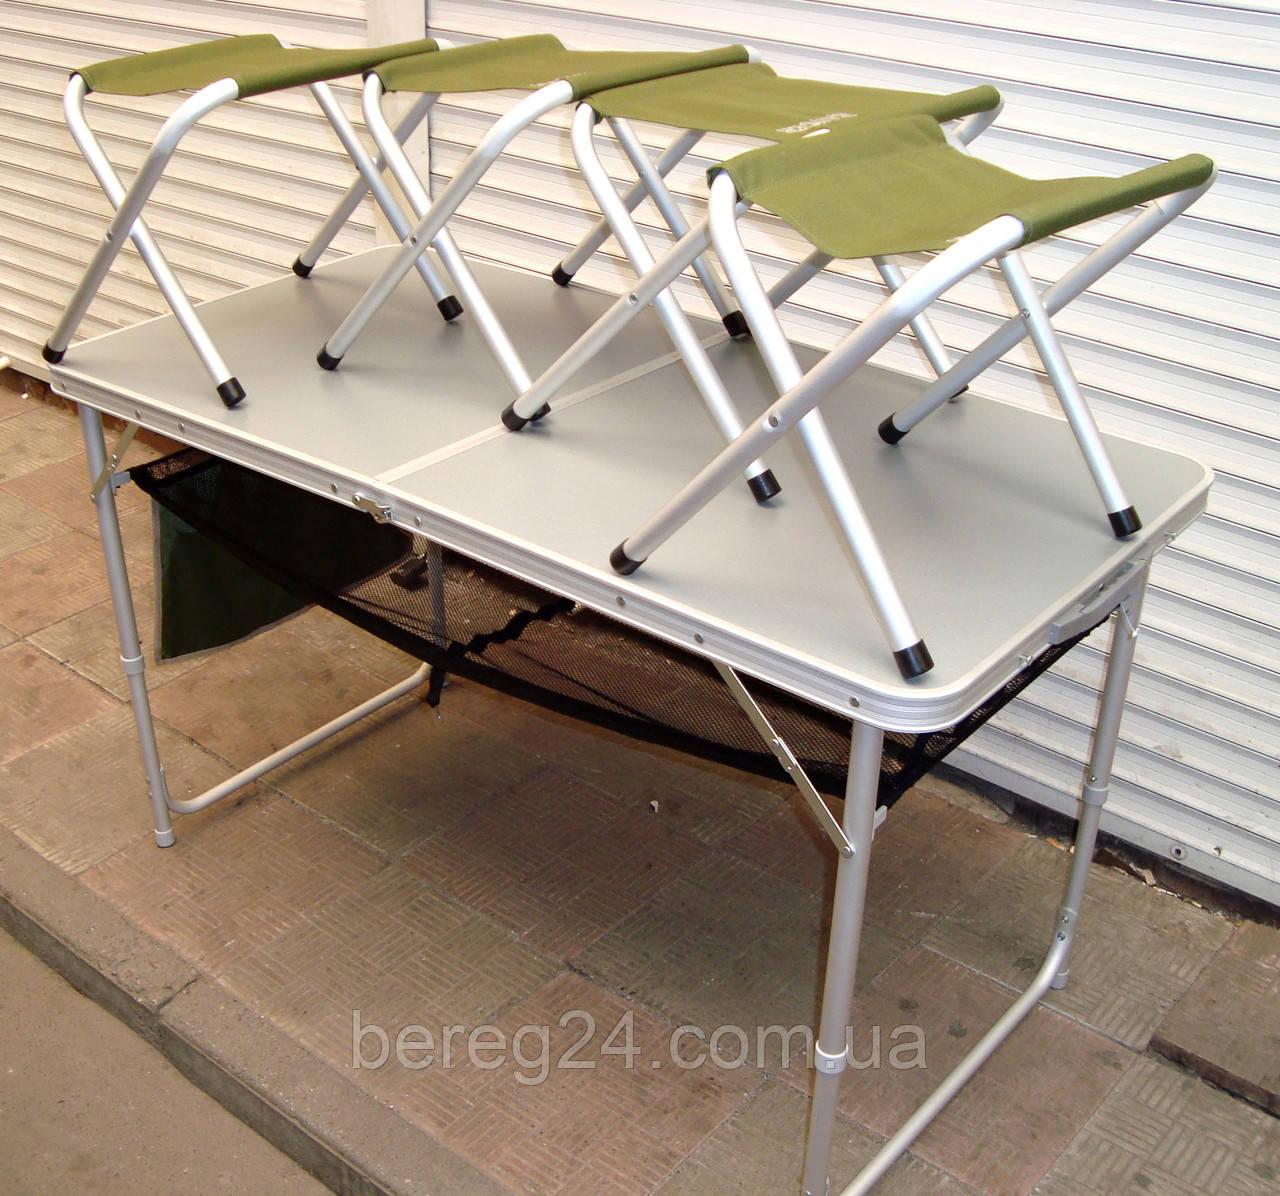 Кемпинговый стол и 4 стула Ranger раскладной 120х60х70 см